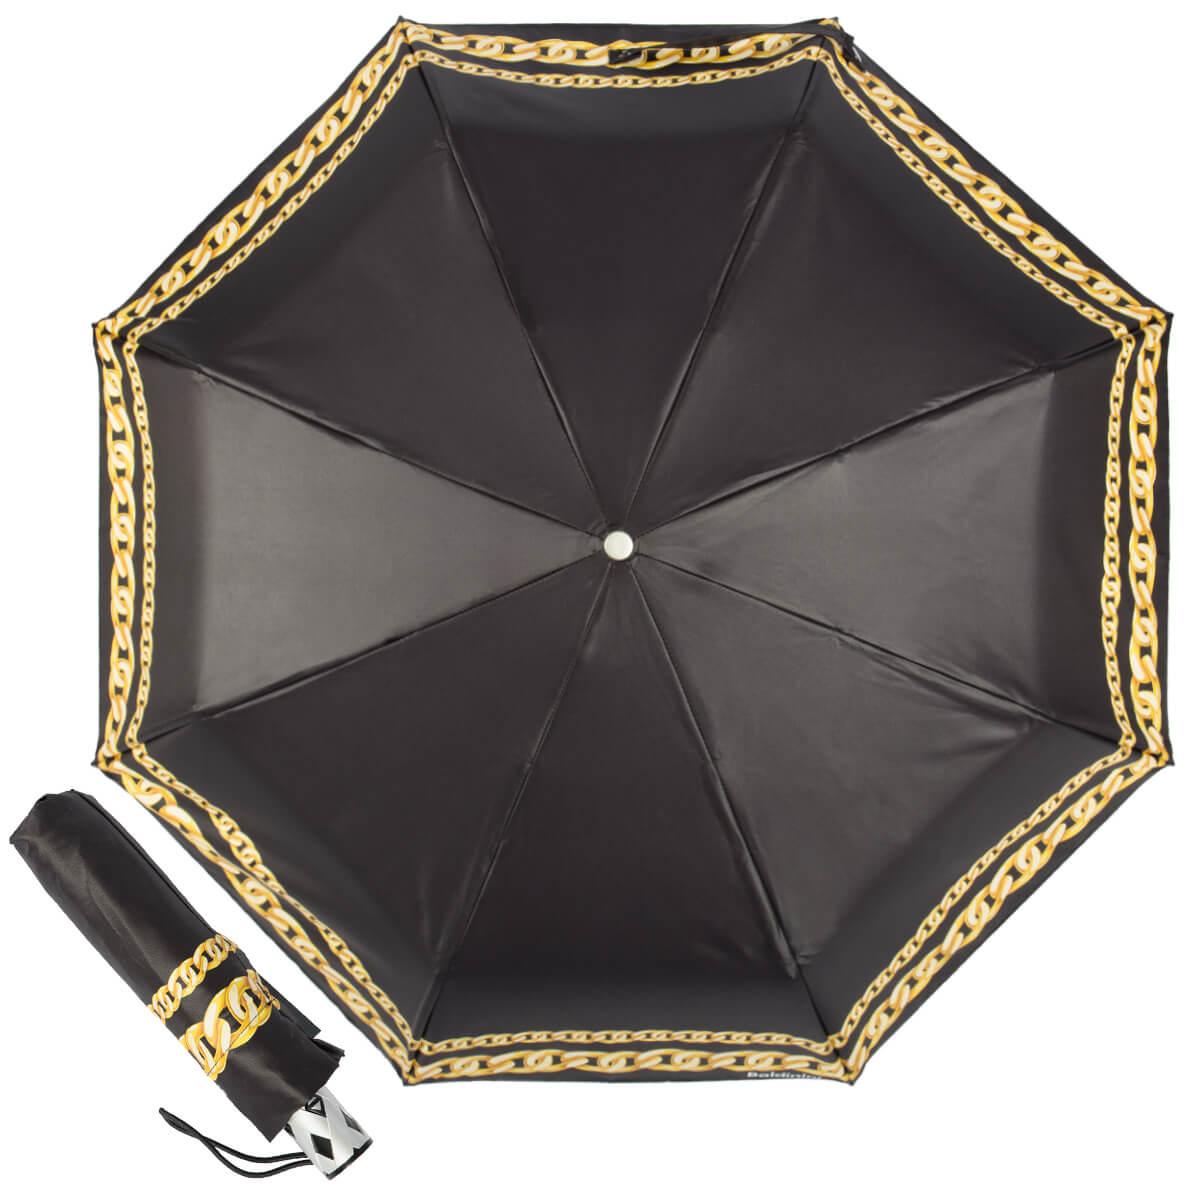 Фирменные зонты Baldinini в Москве, складной женский зонт, классический, автоматический, прочный, легкий зонт